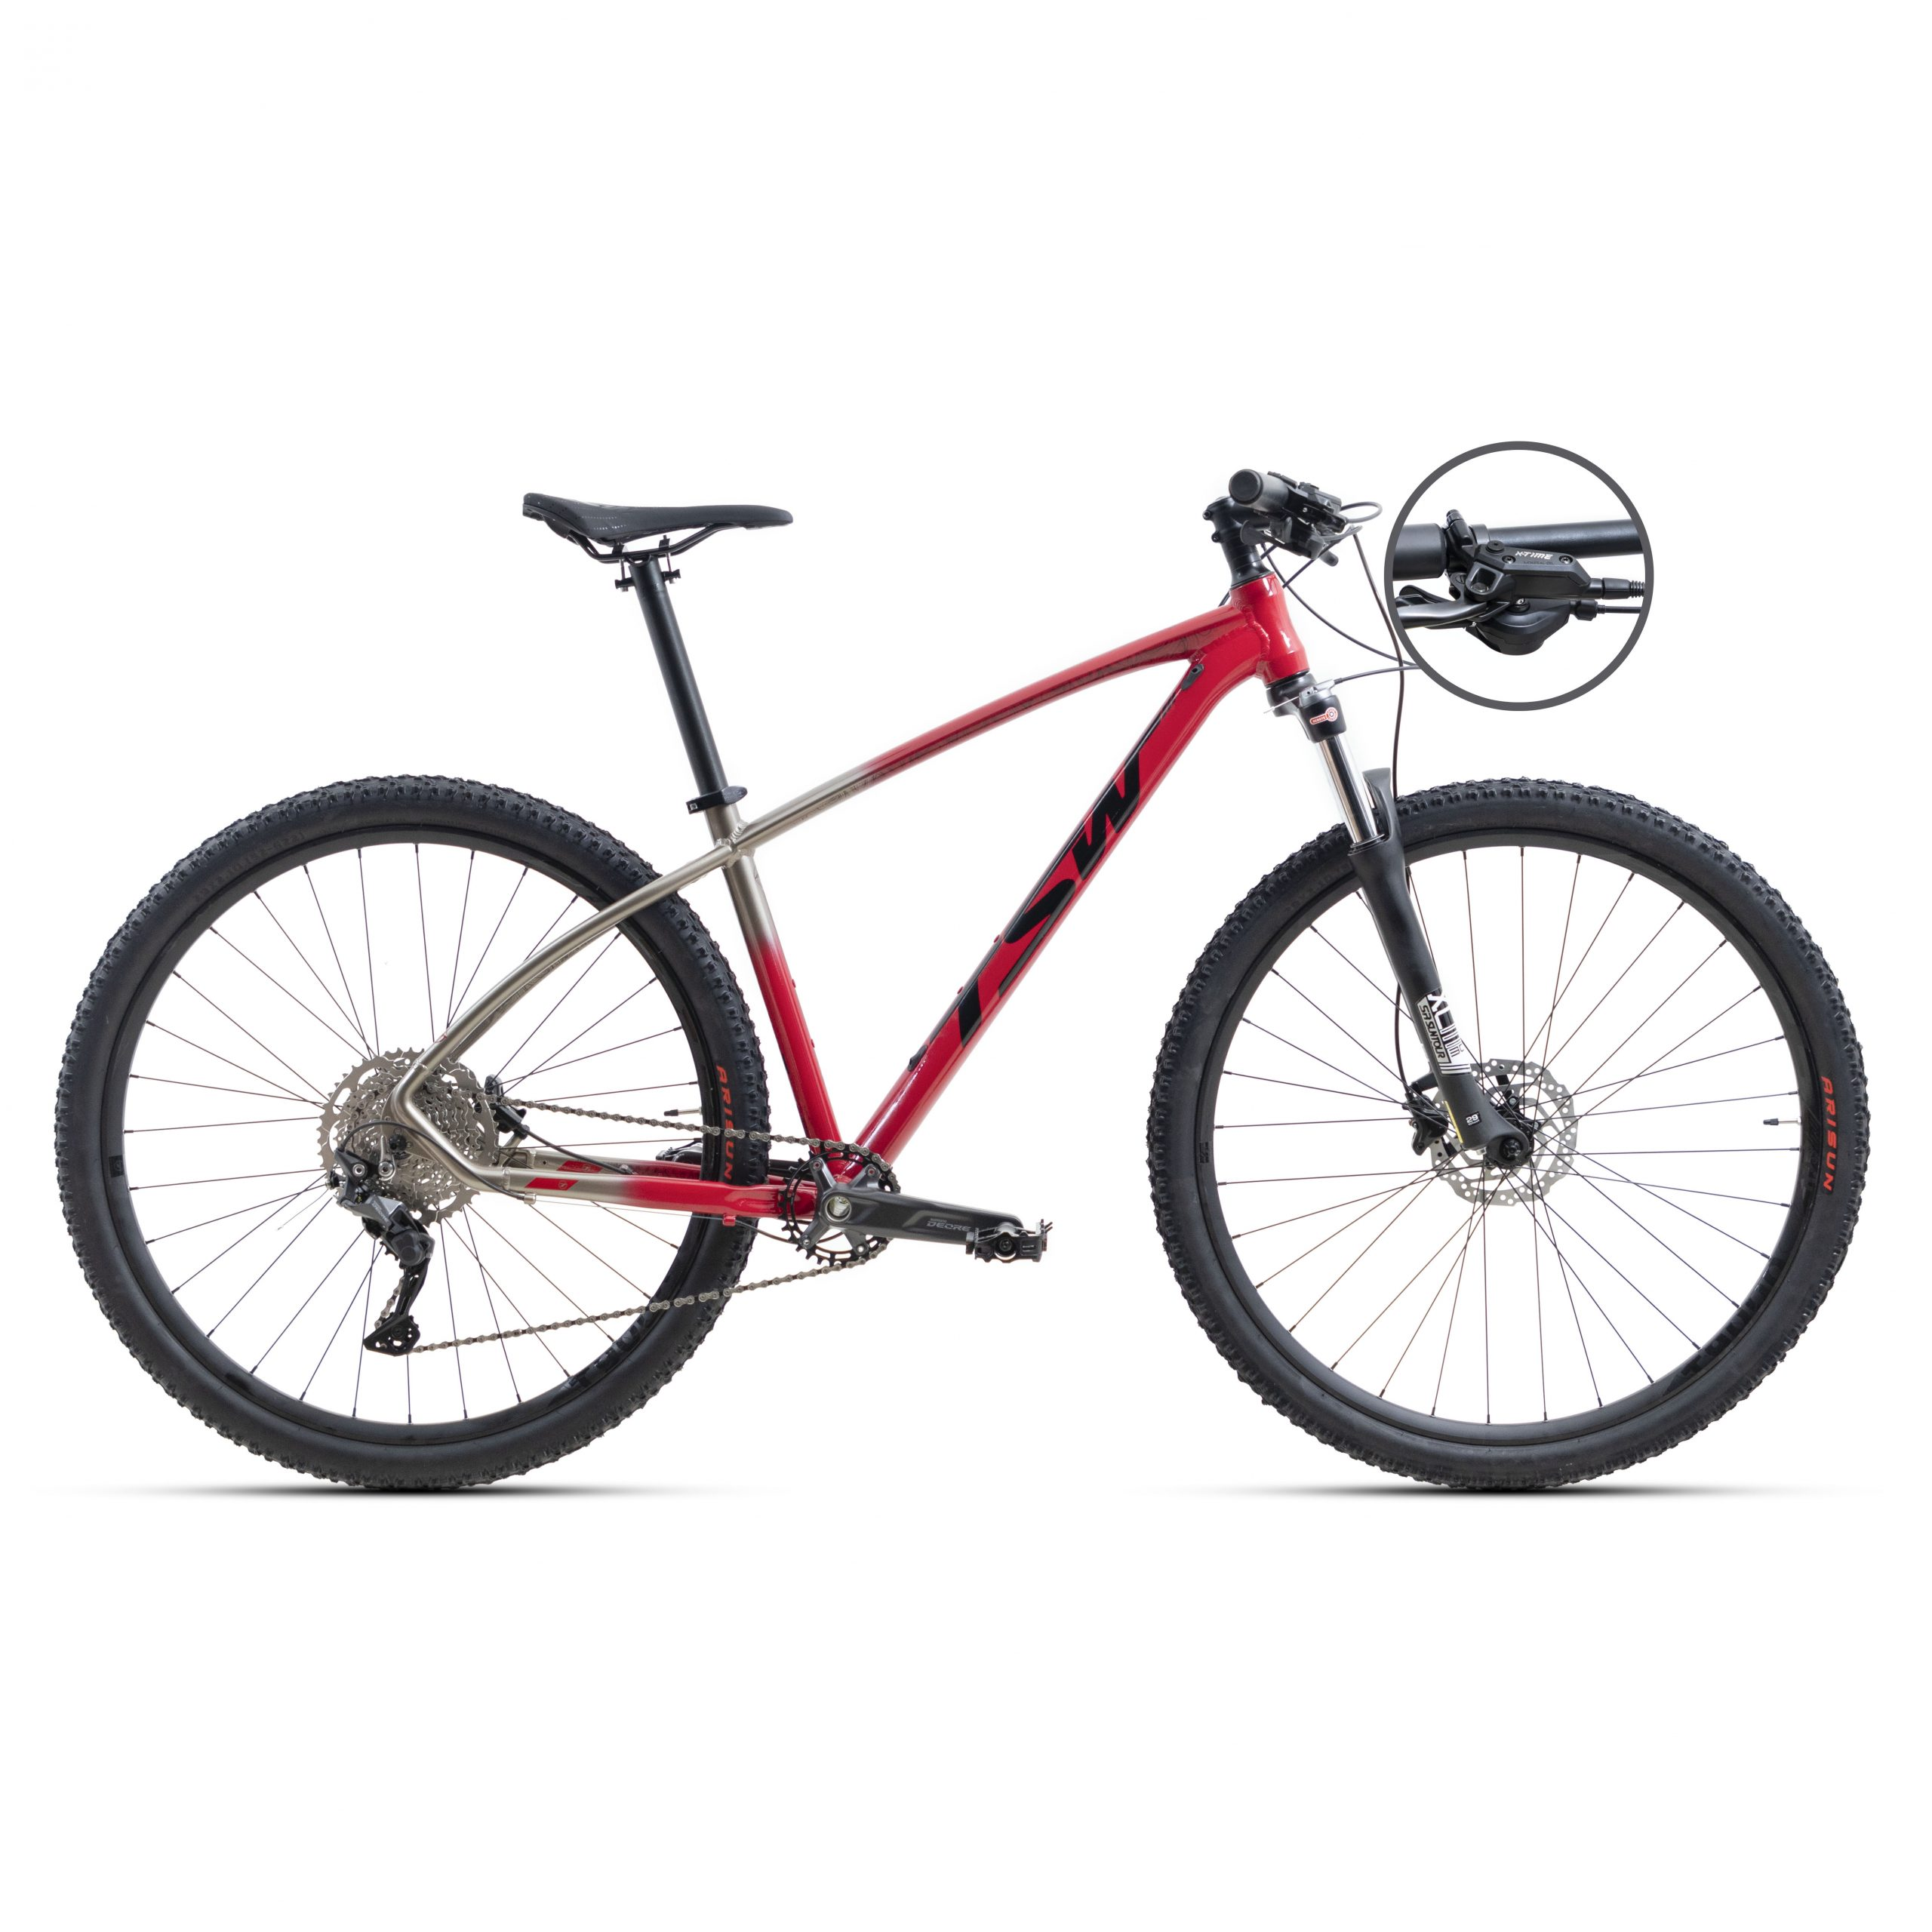 Bicicleta TSW All Quest (Full Suspension) 12